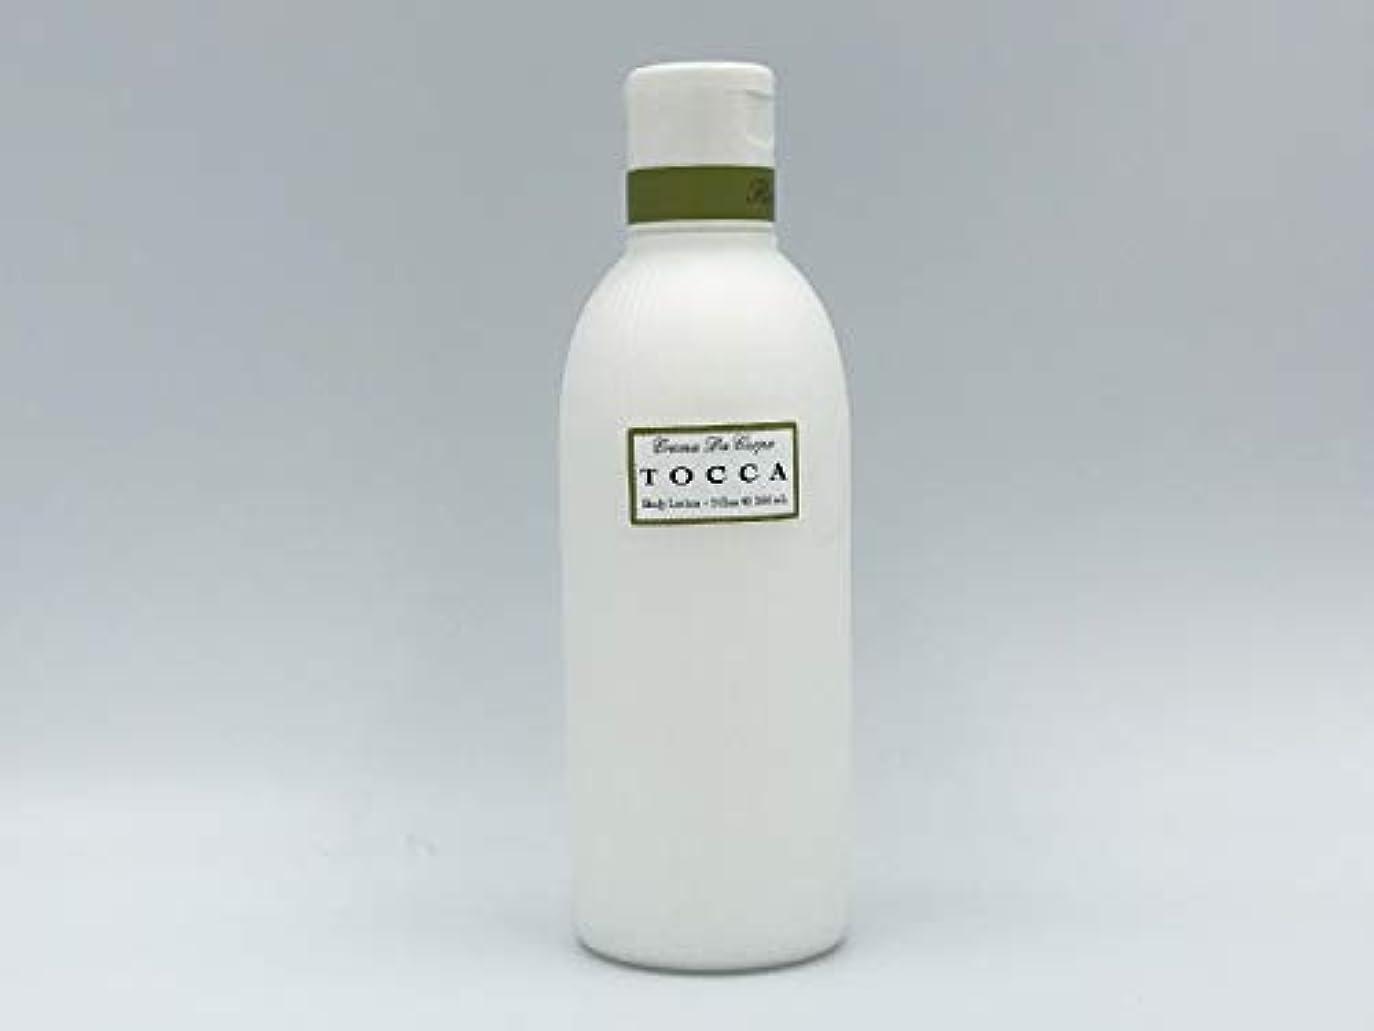 午後ジュニアブレーキトッカ TOCCA ボディローション フローレンス 266ml (香水/コスメ) 新品 [並行輸入品]